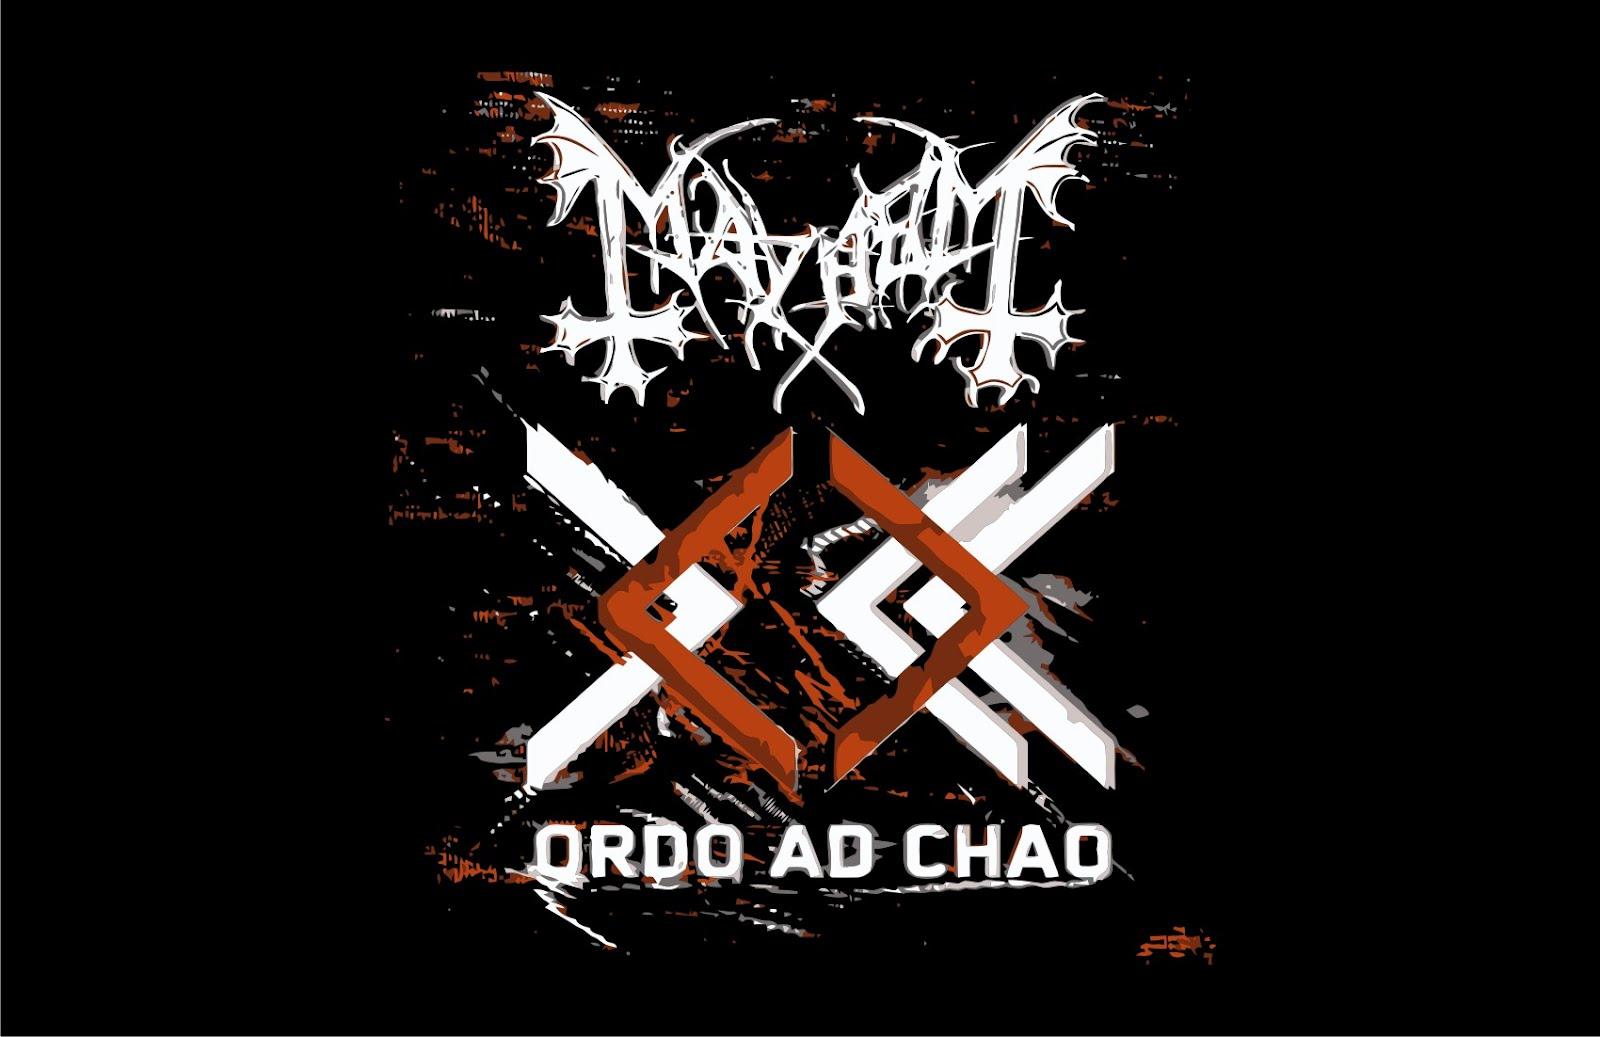 mayhem-ordo_ad_chao_front_vector